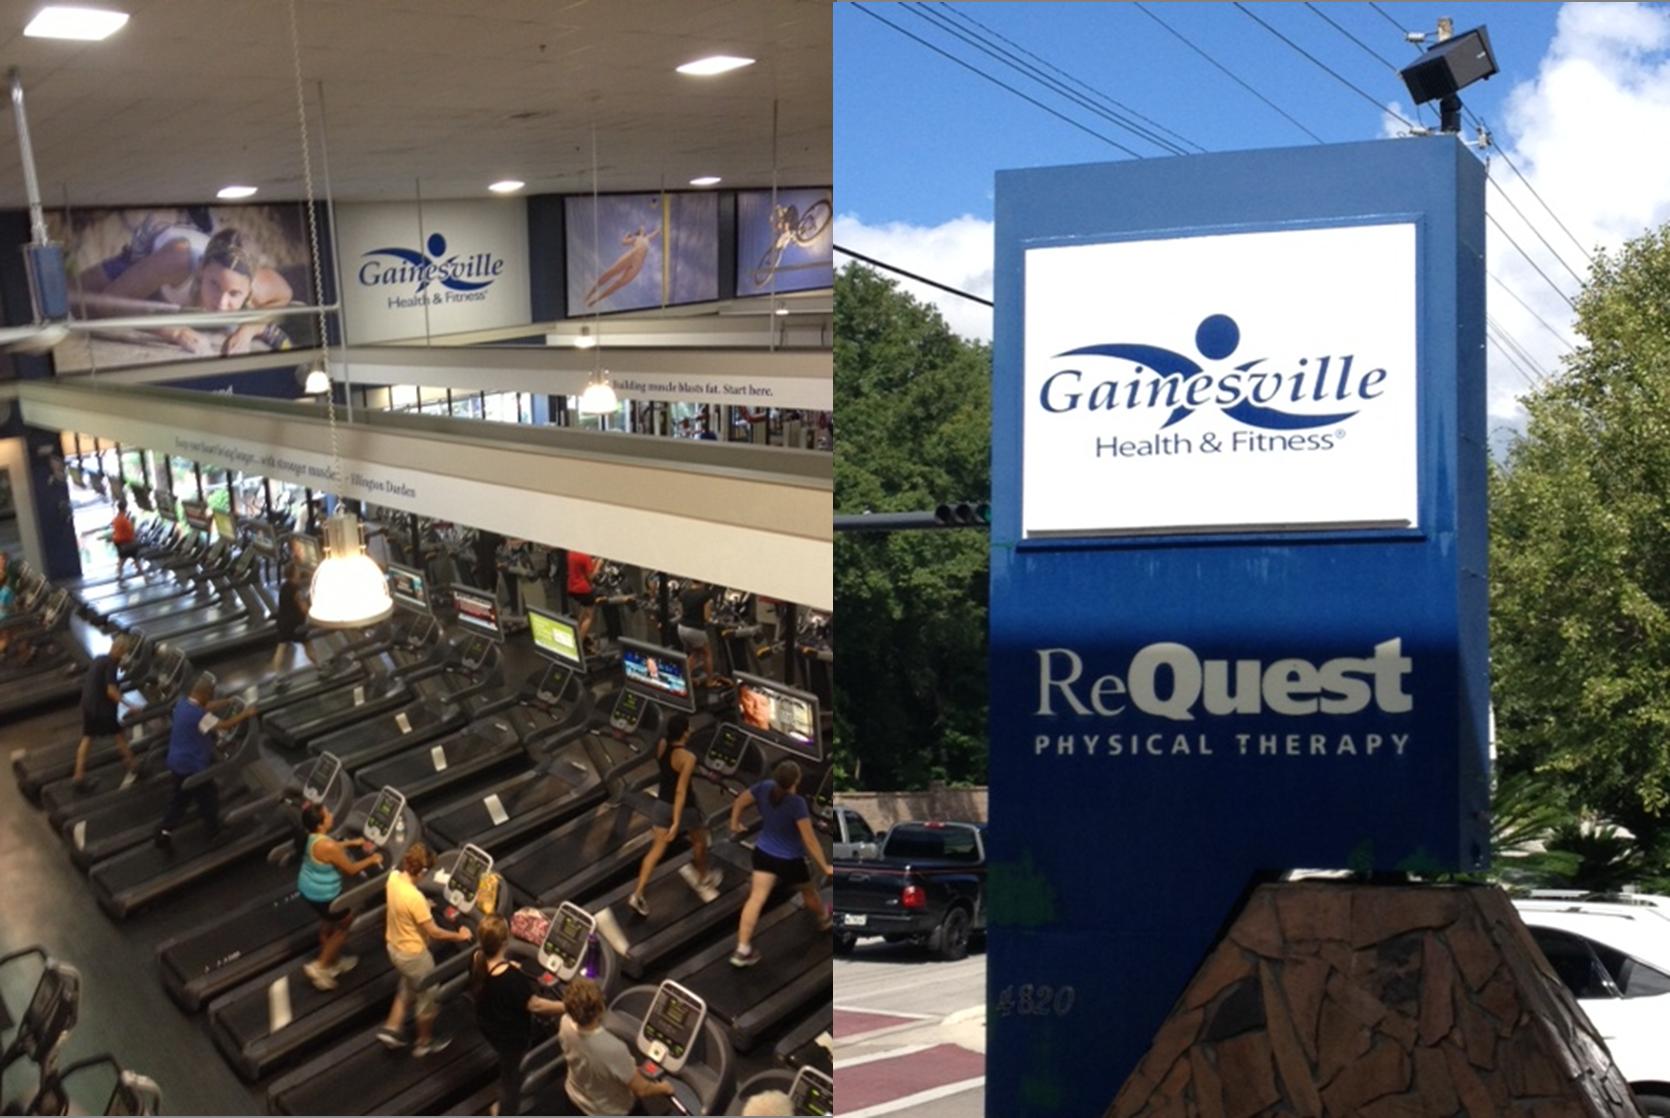 Il diario USA di Gabriella: Gainesville Health & Fitness Center